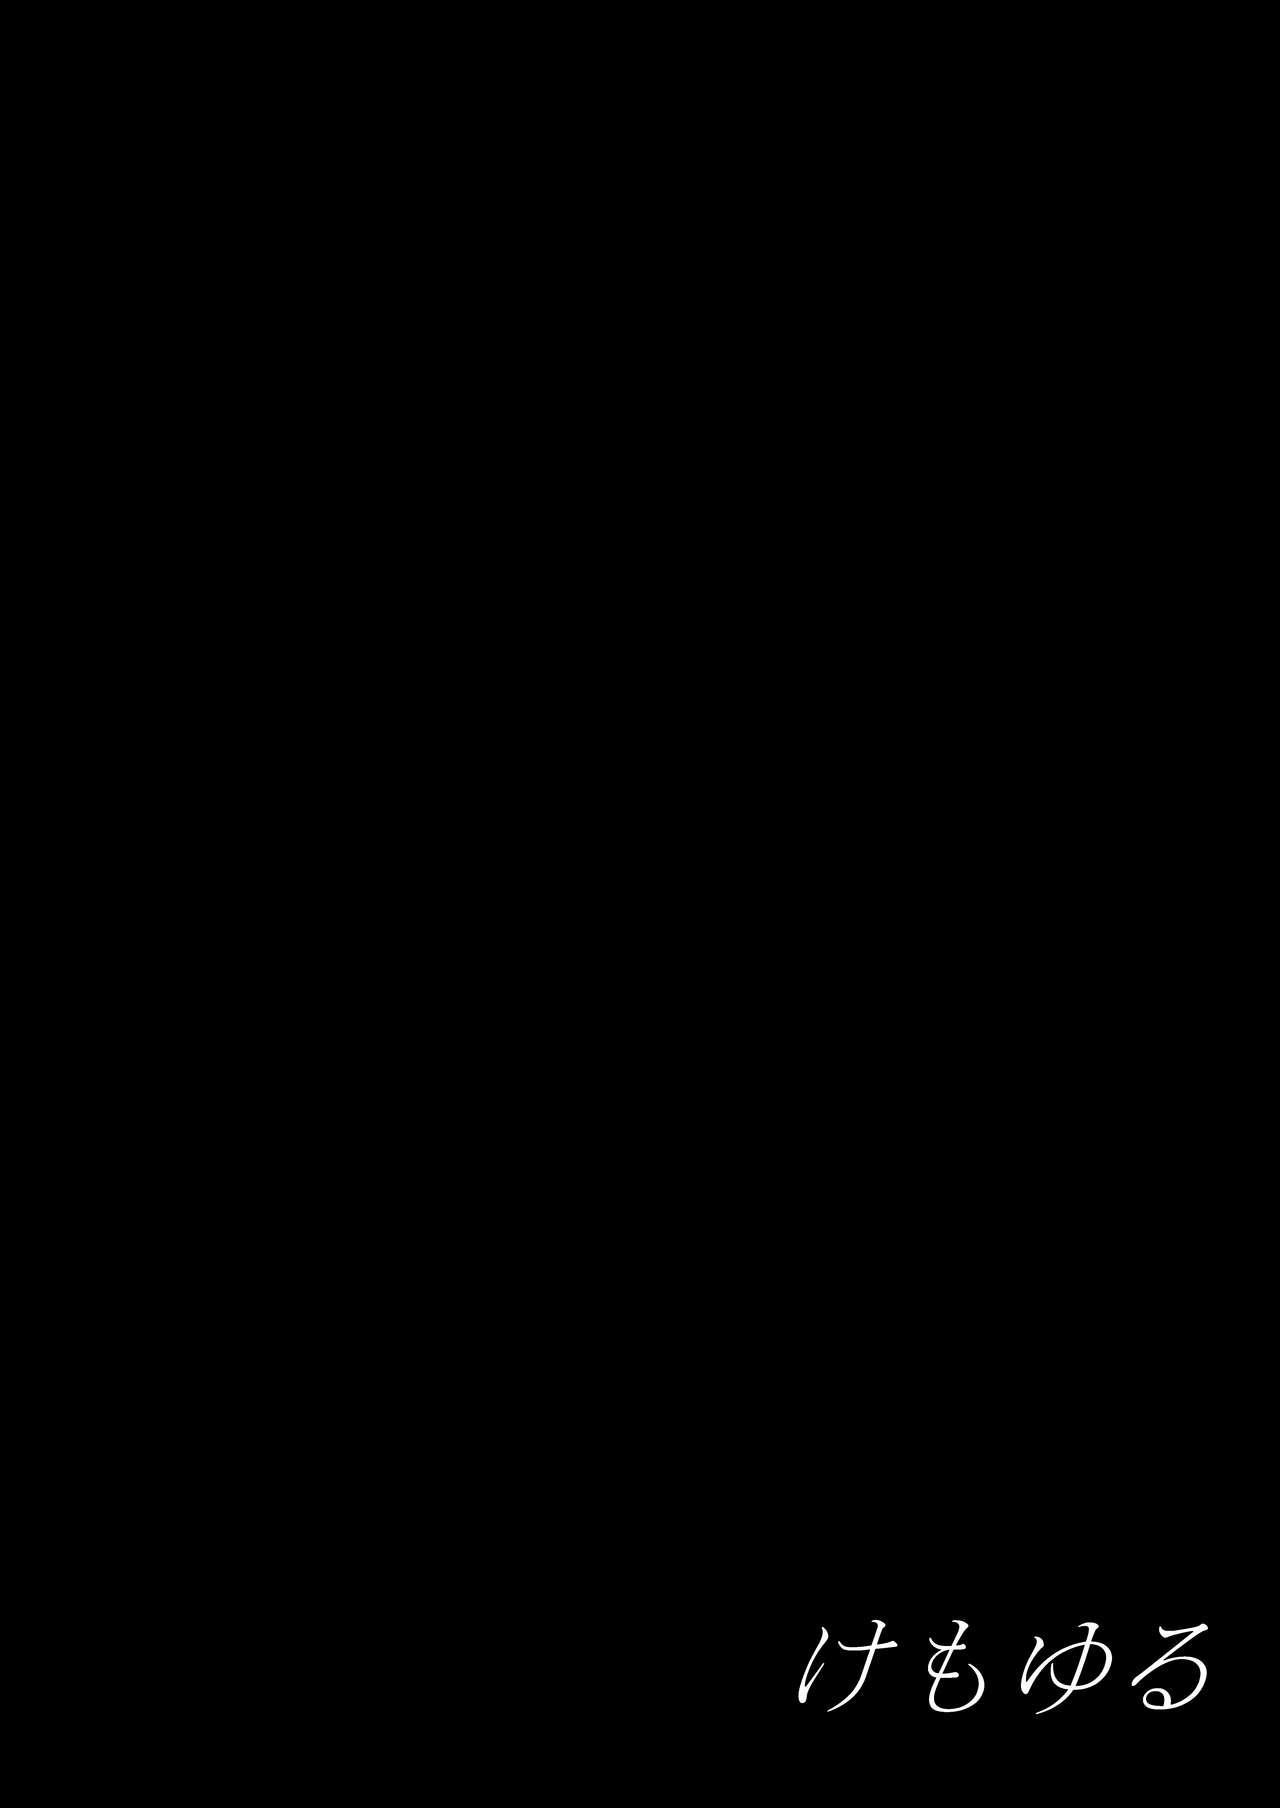 Mizorejiru 17